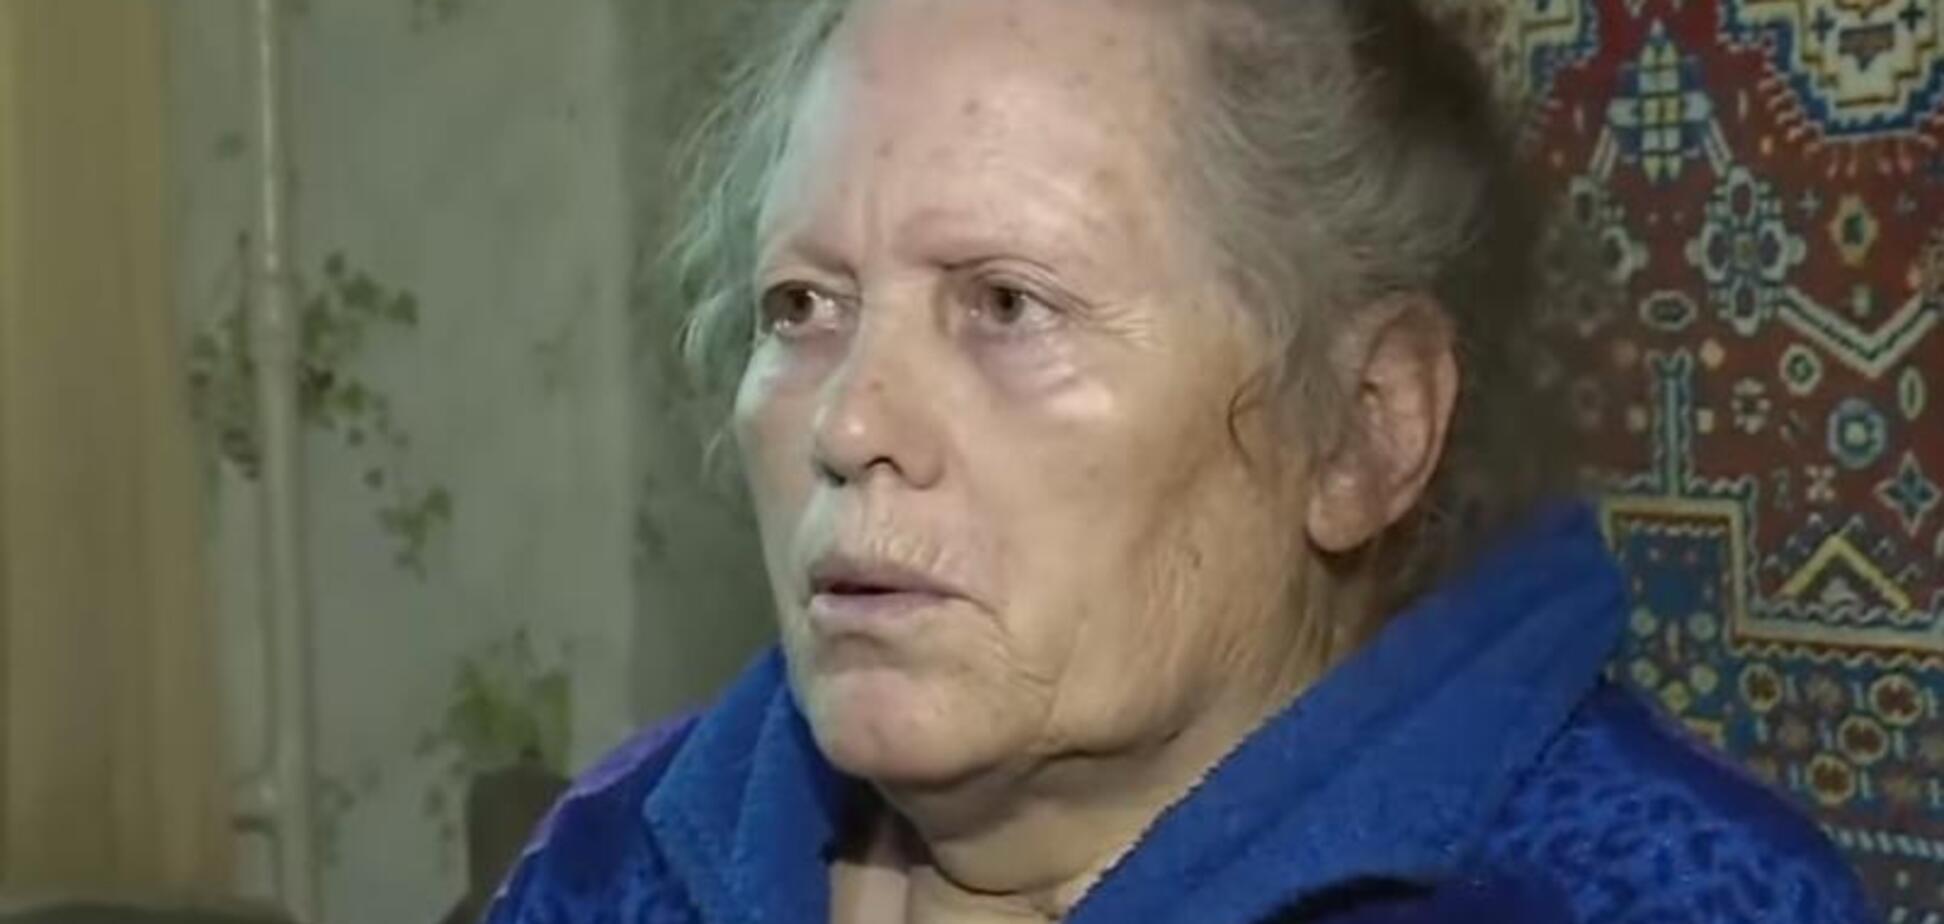 Спроба суїциду, зникнення і психлікарня: стало відомо, що коїться у сім'ї керченського стрілка після теракту